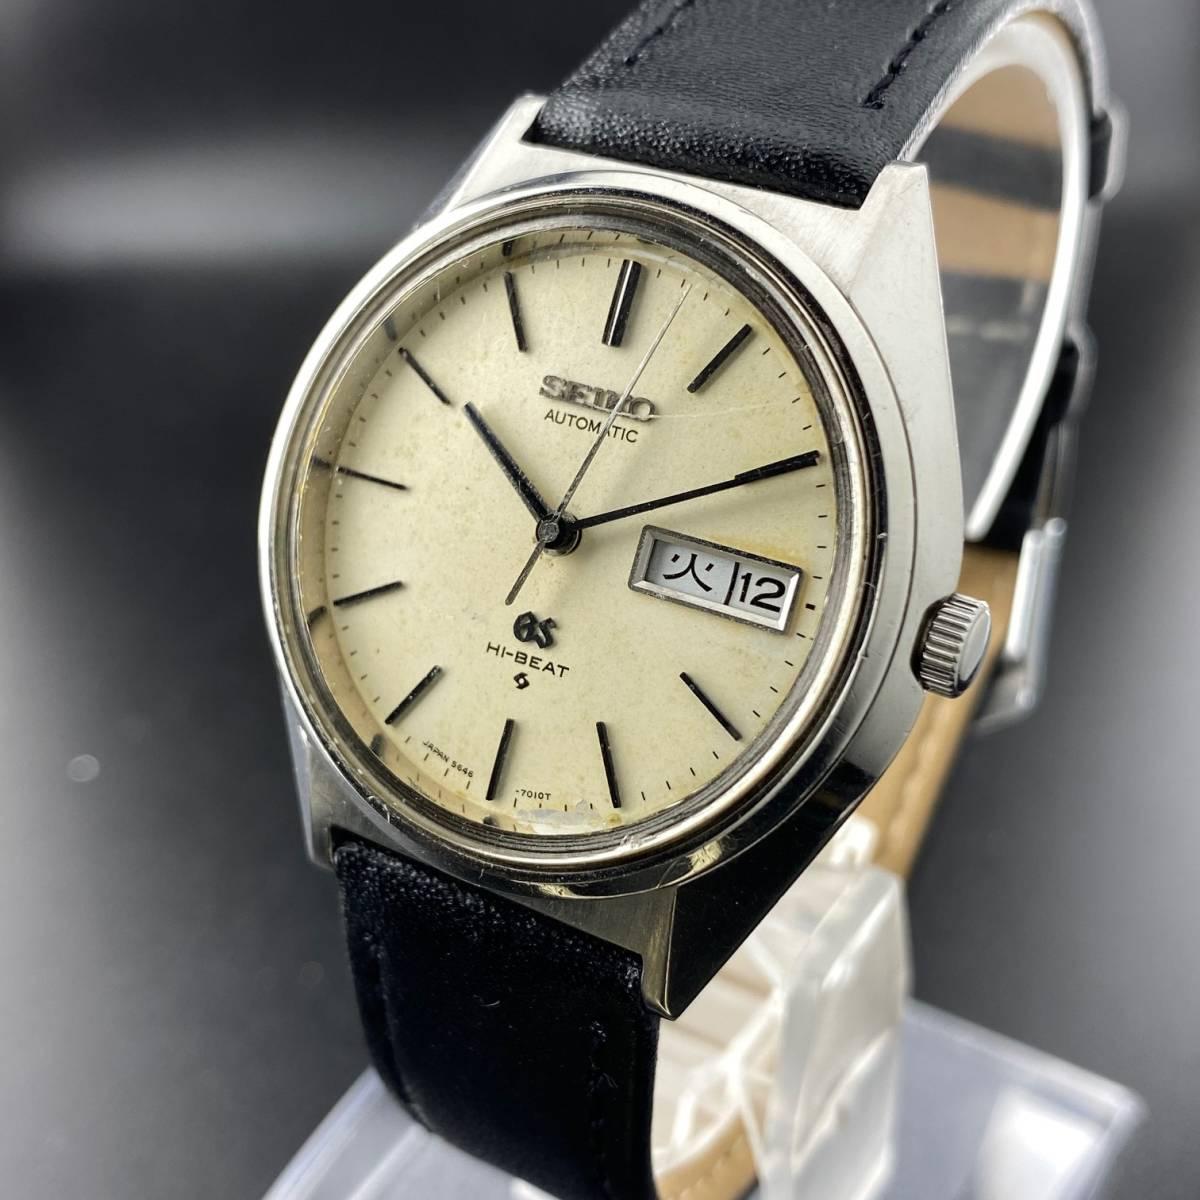 【1円~】GRAND SEIKO グランドセイコー 腕時計 メンズ 自動巻 HI-BEAT ハイビート デイデイト 可動品_画像3